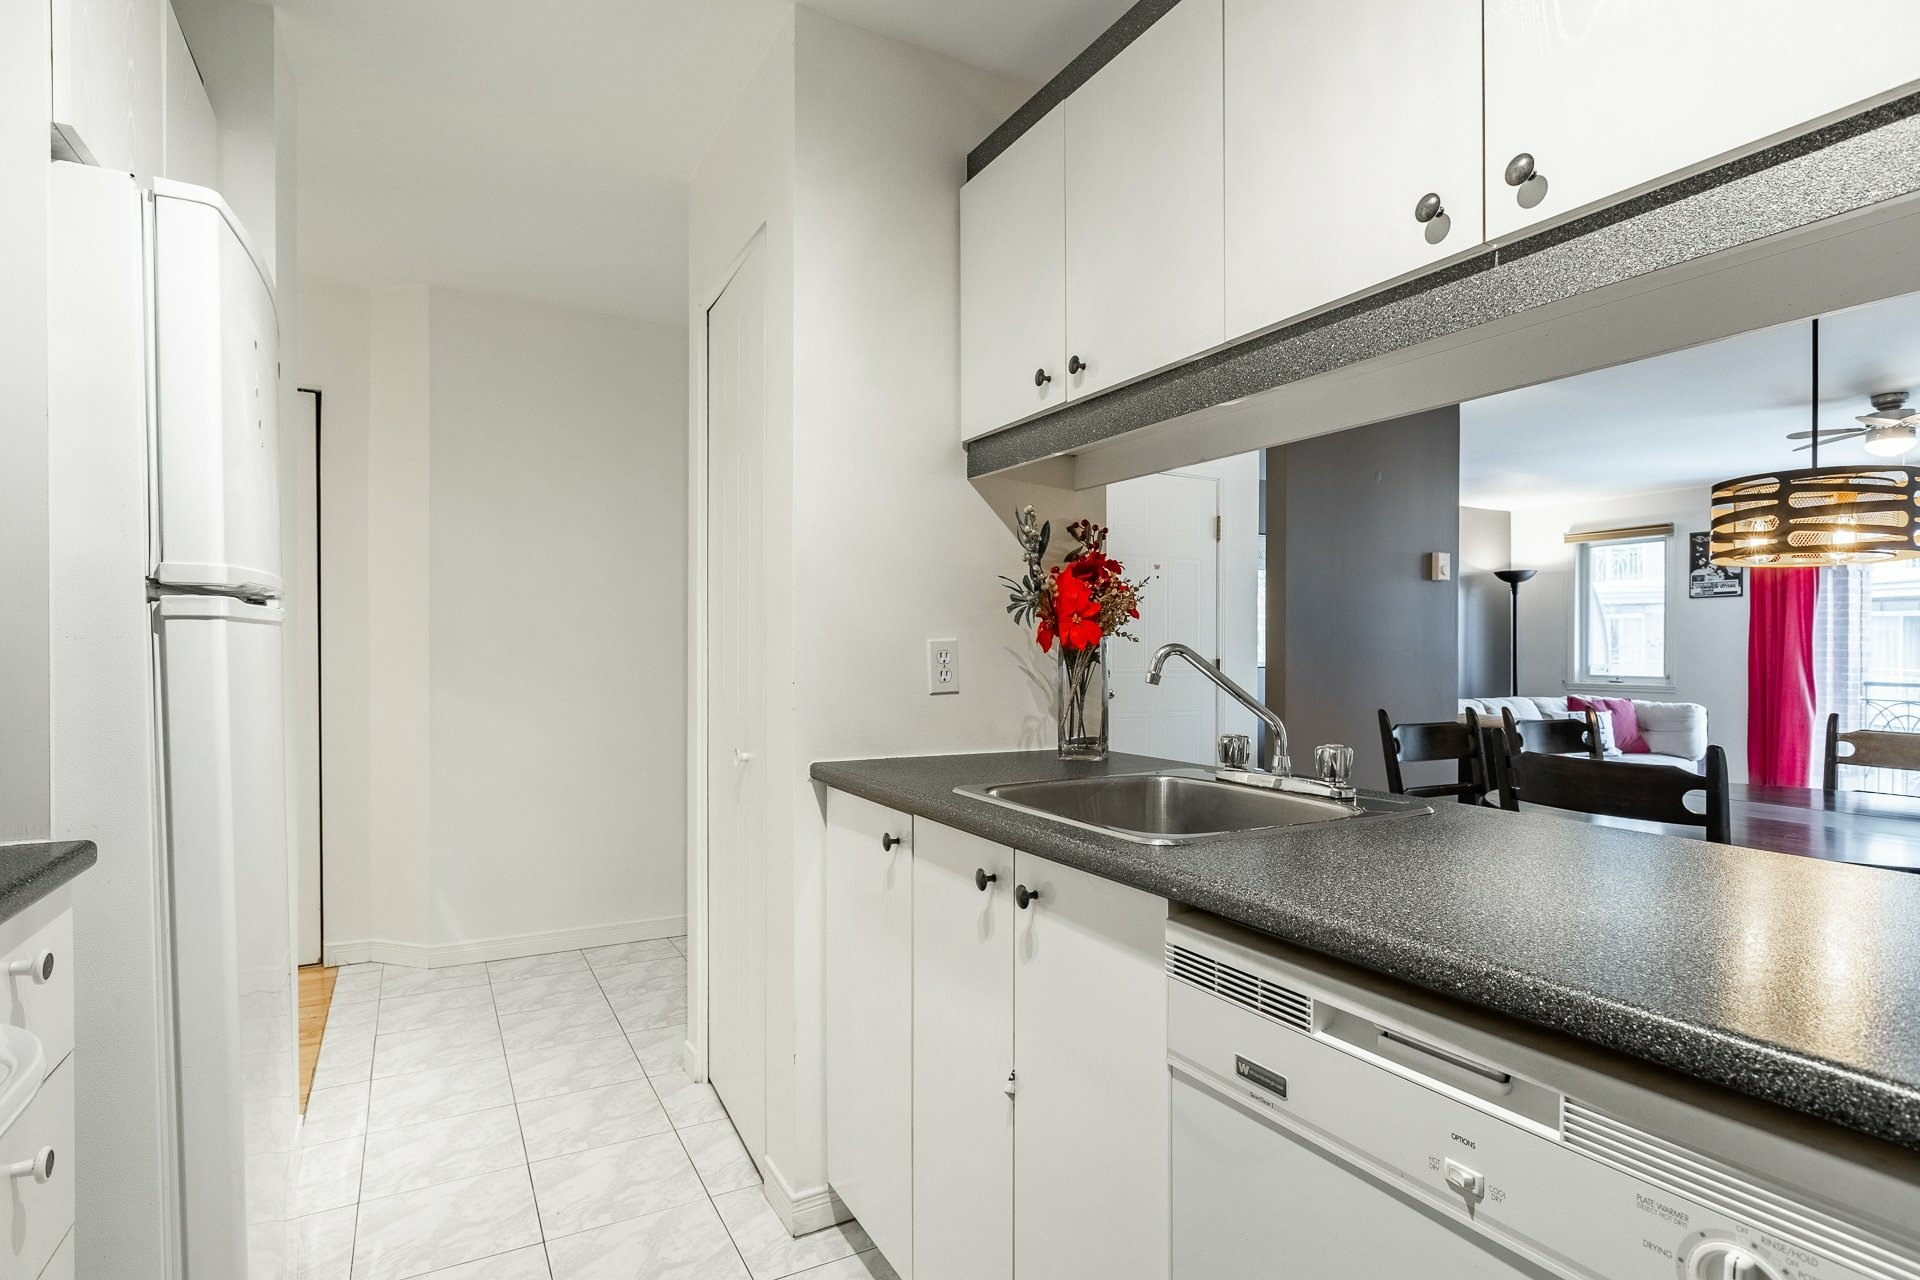 image 9 - Appartement À vendre Montréal Le Plateau-Mont-Royal  - 6 pièces